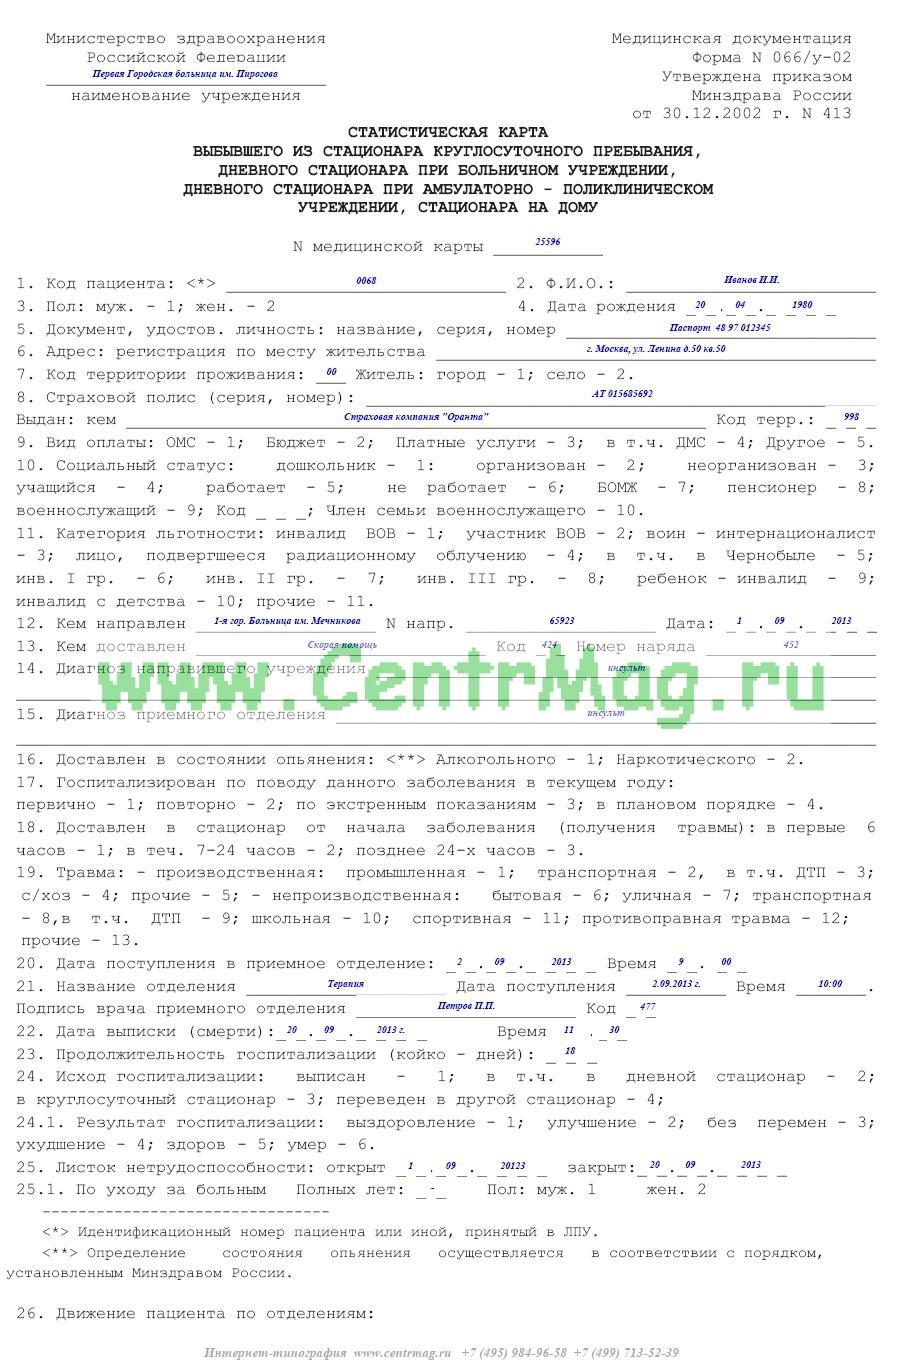 карта больного дневного стационара форма no 003-2у-88